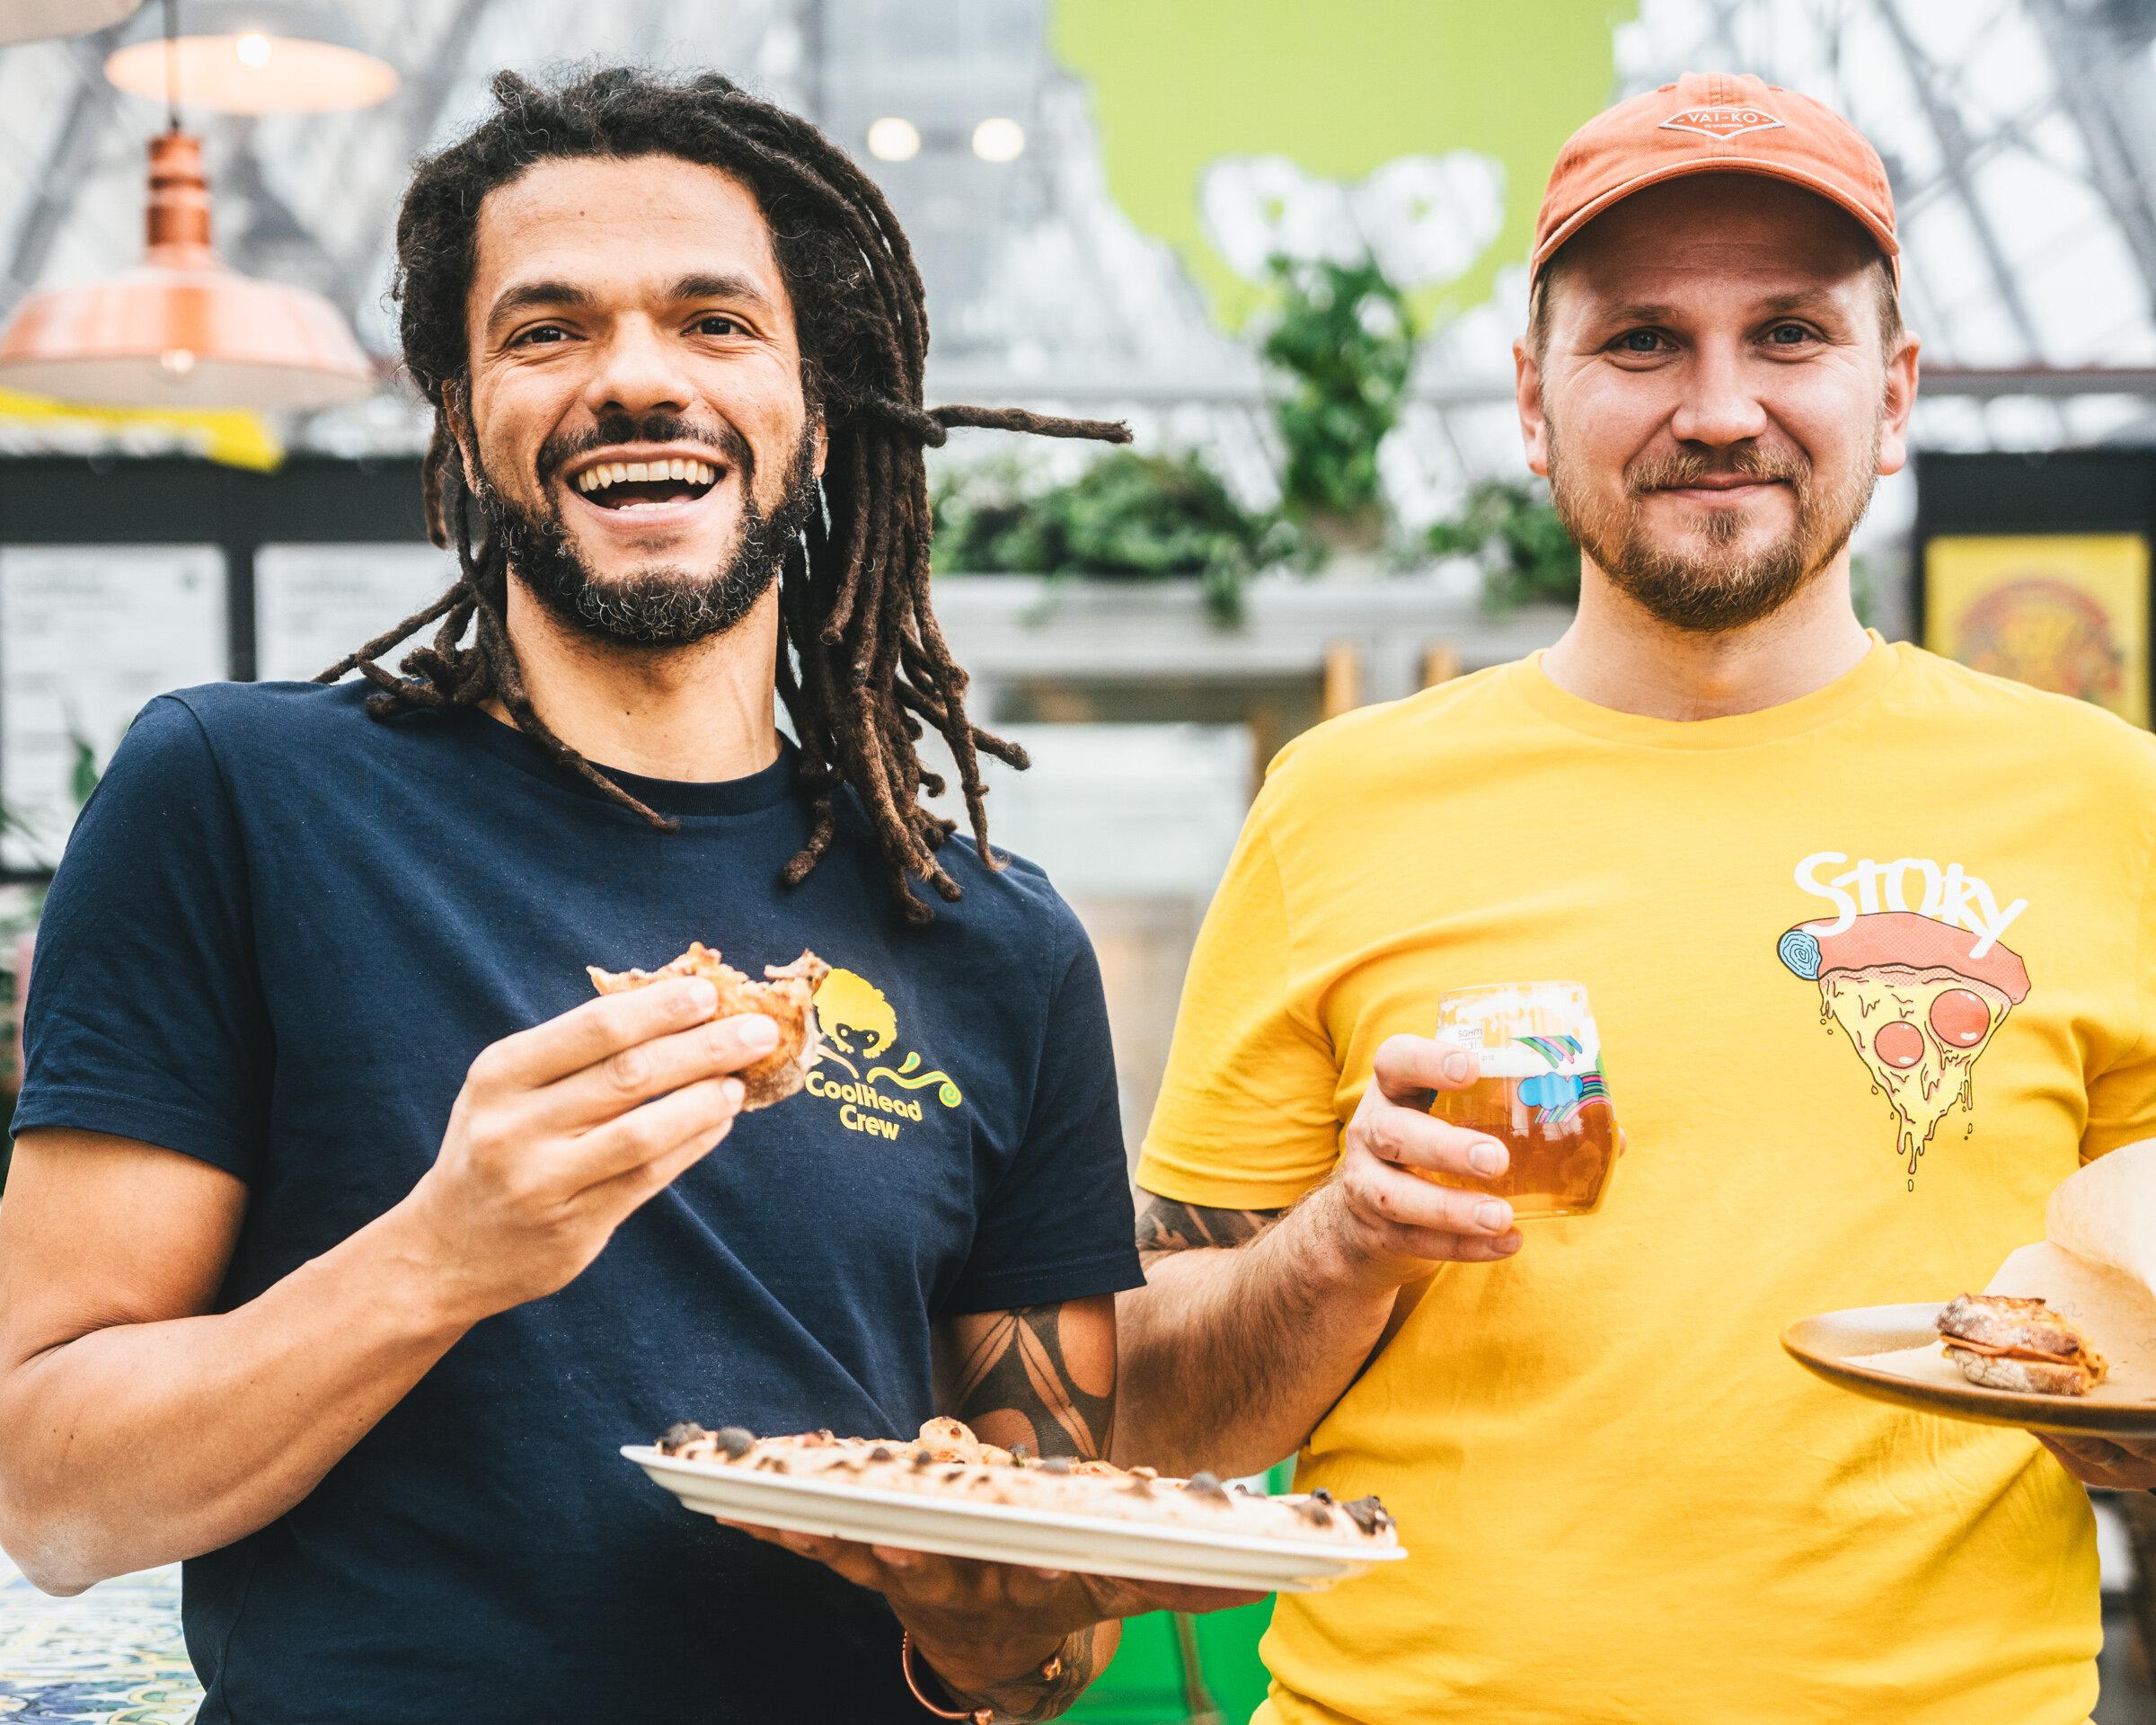 CoolHeadin perustaja Cleber Goncalves (vas.) ja Storyn yrittäjä Markus Hurskainen (oik.) ovat yhtä mieltä siitä, että hapanjuuripizza ja hapanolut ovat luotuja toisilleen. Kuva: Joonas Ojala